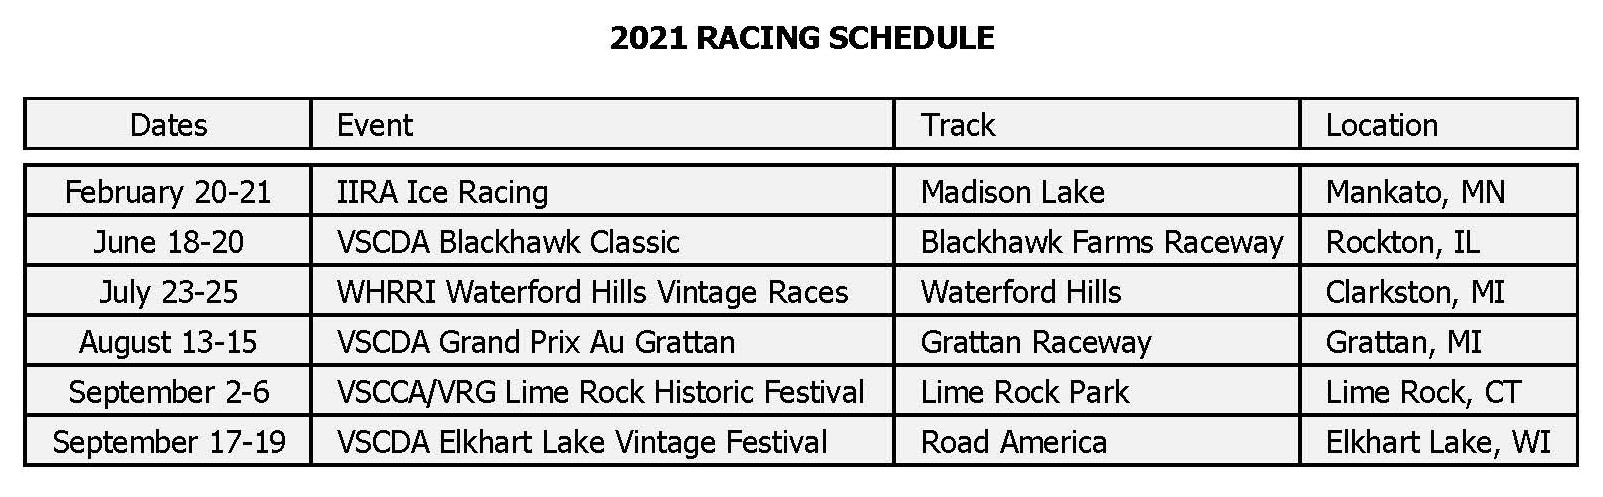 Steve Beeler 2021 Racing Schedule